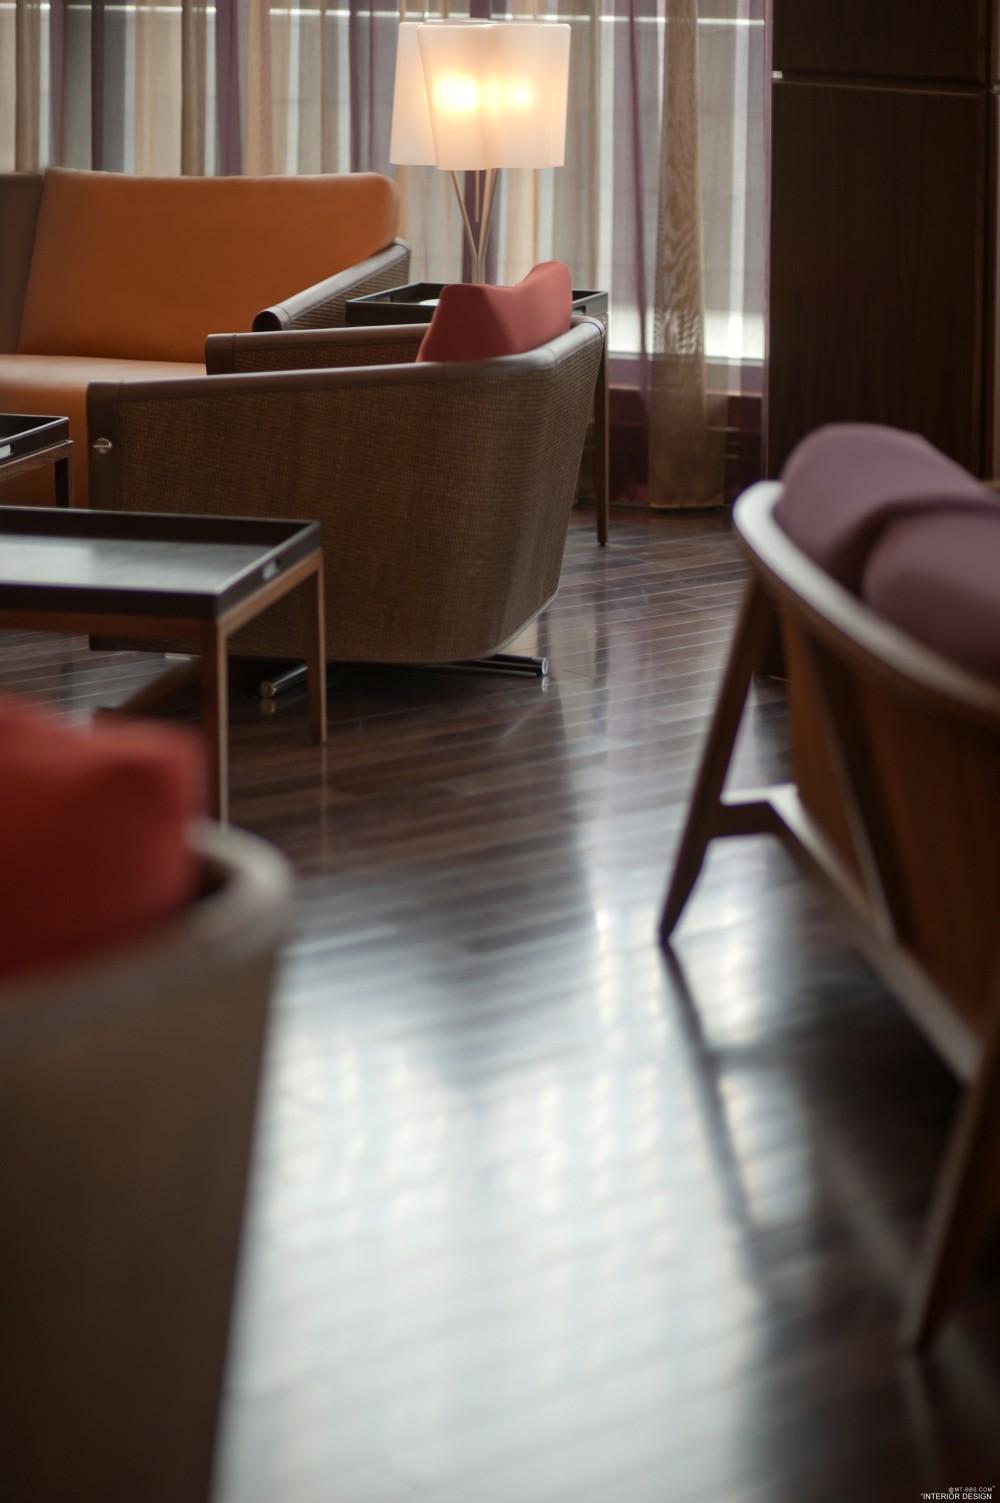 迪拜卓美亚溪畔酒店 Jumeirah Creekside Hotel_Jumeirah_Creekside_Hotel-_Crimson_Gallery-_Furniture_shot_3.jpg